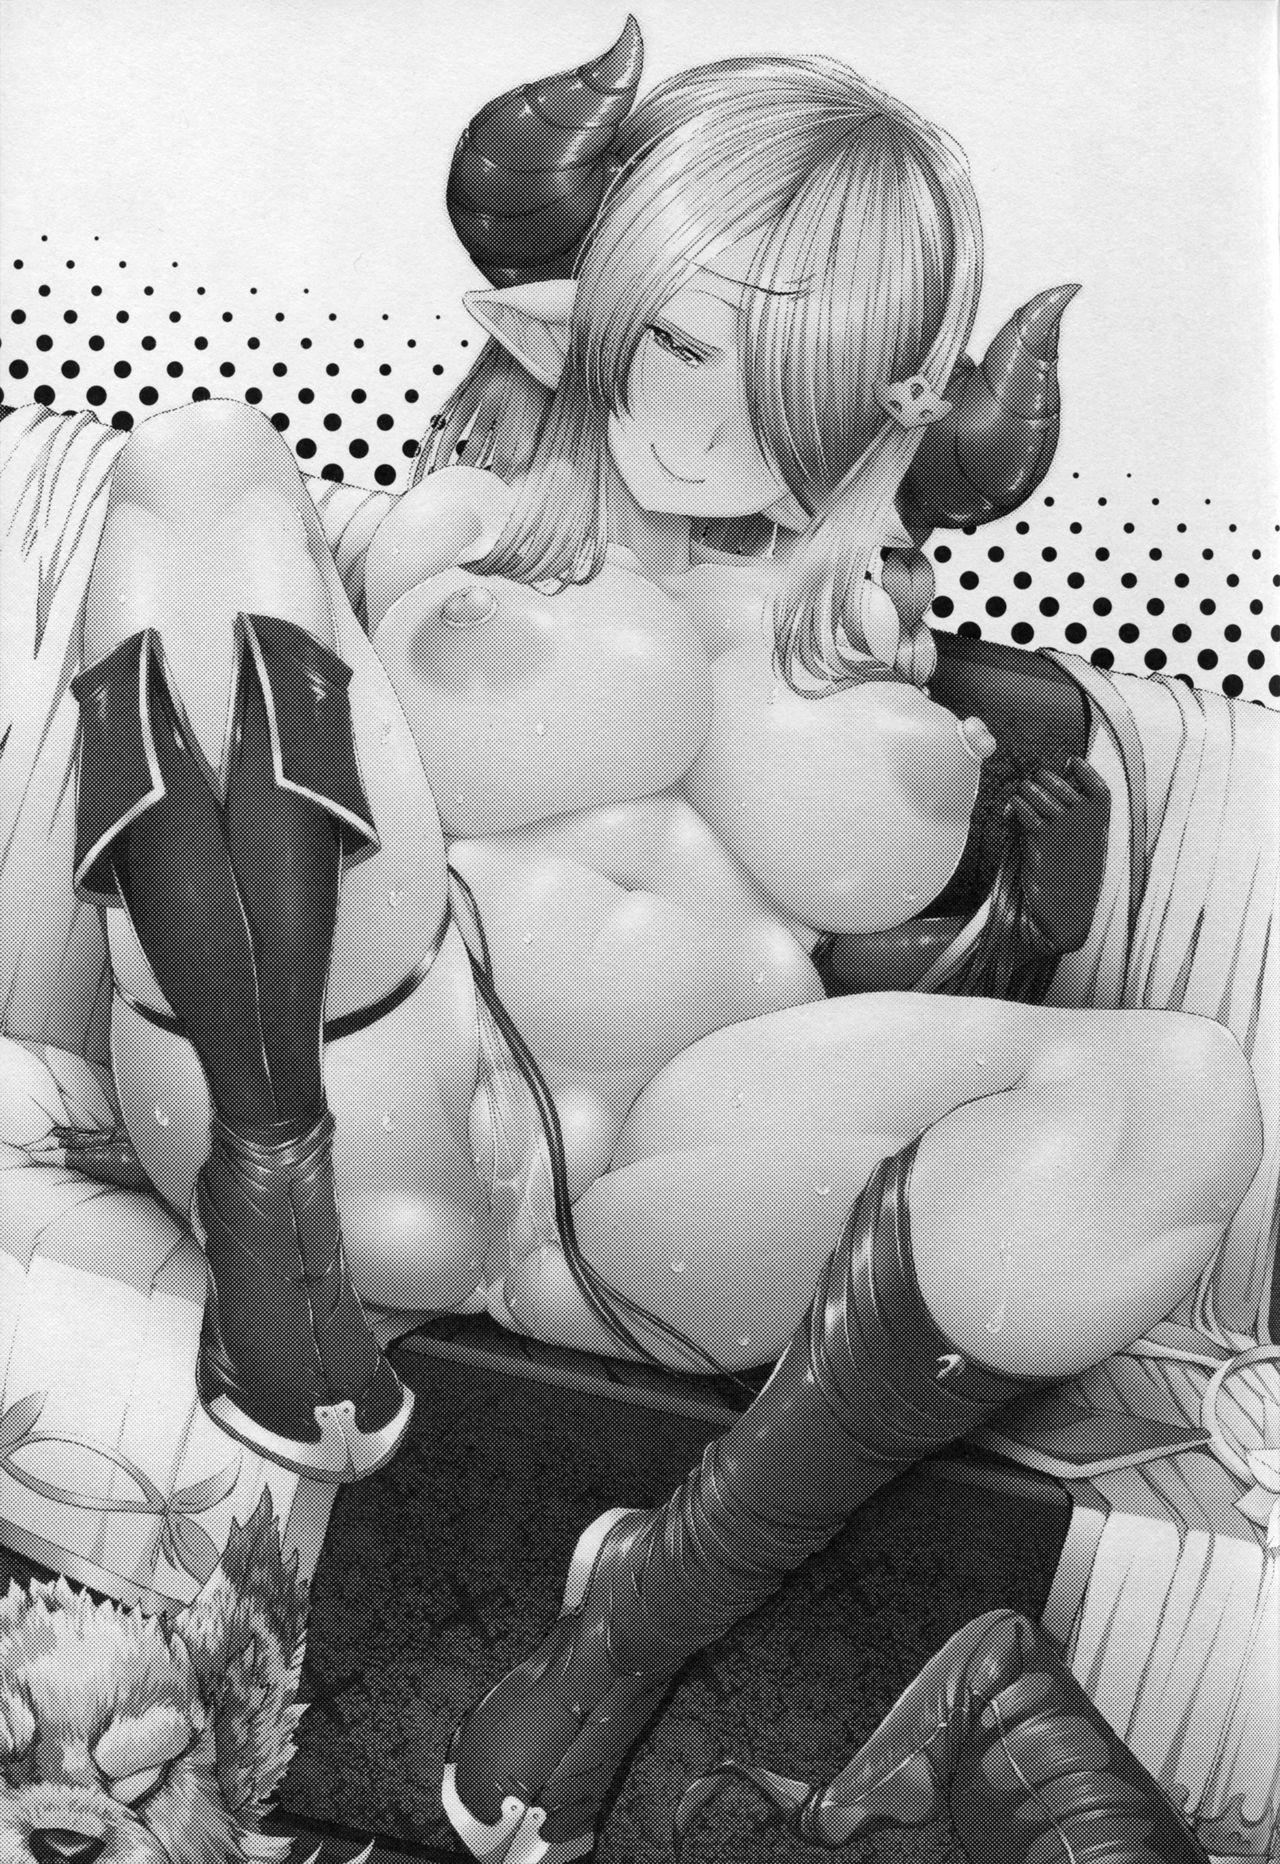 (C91) [Deastim (Unadon)] Nee Nee Danchou-chan Onee-san ni Nani Kite Hoshii? | Hey, Hey, Danchou-chan What Would You Want Onee-san to Wear? (Granblue Fantasy) [English] [obsoletezero] 1